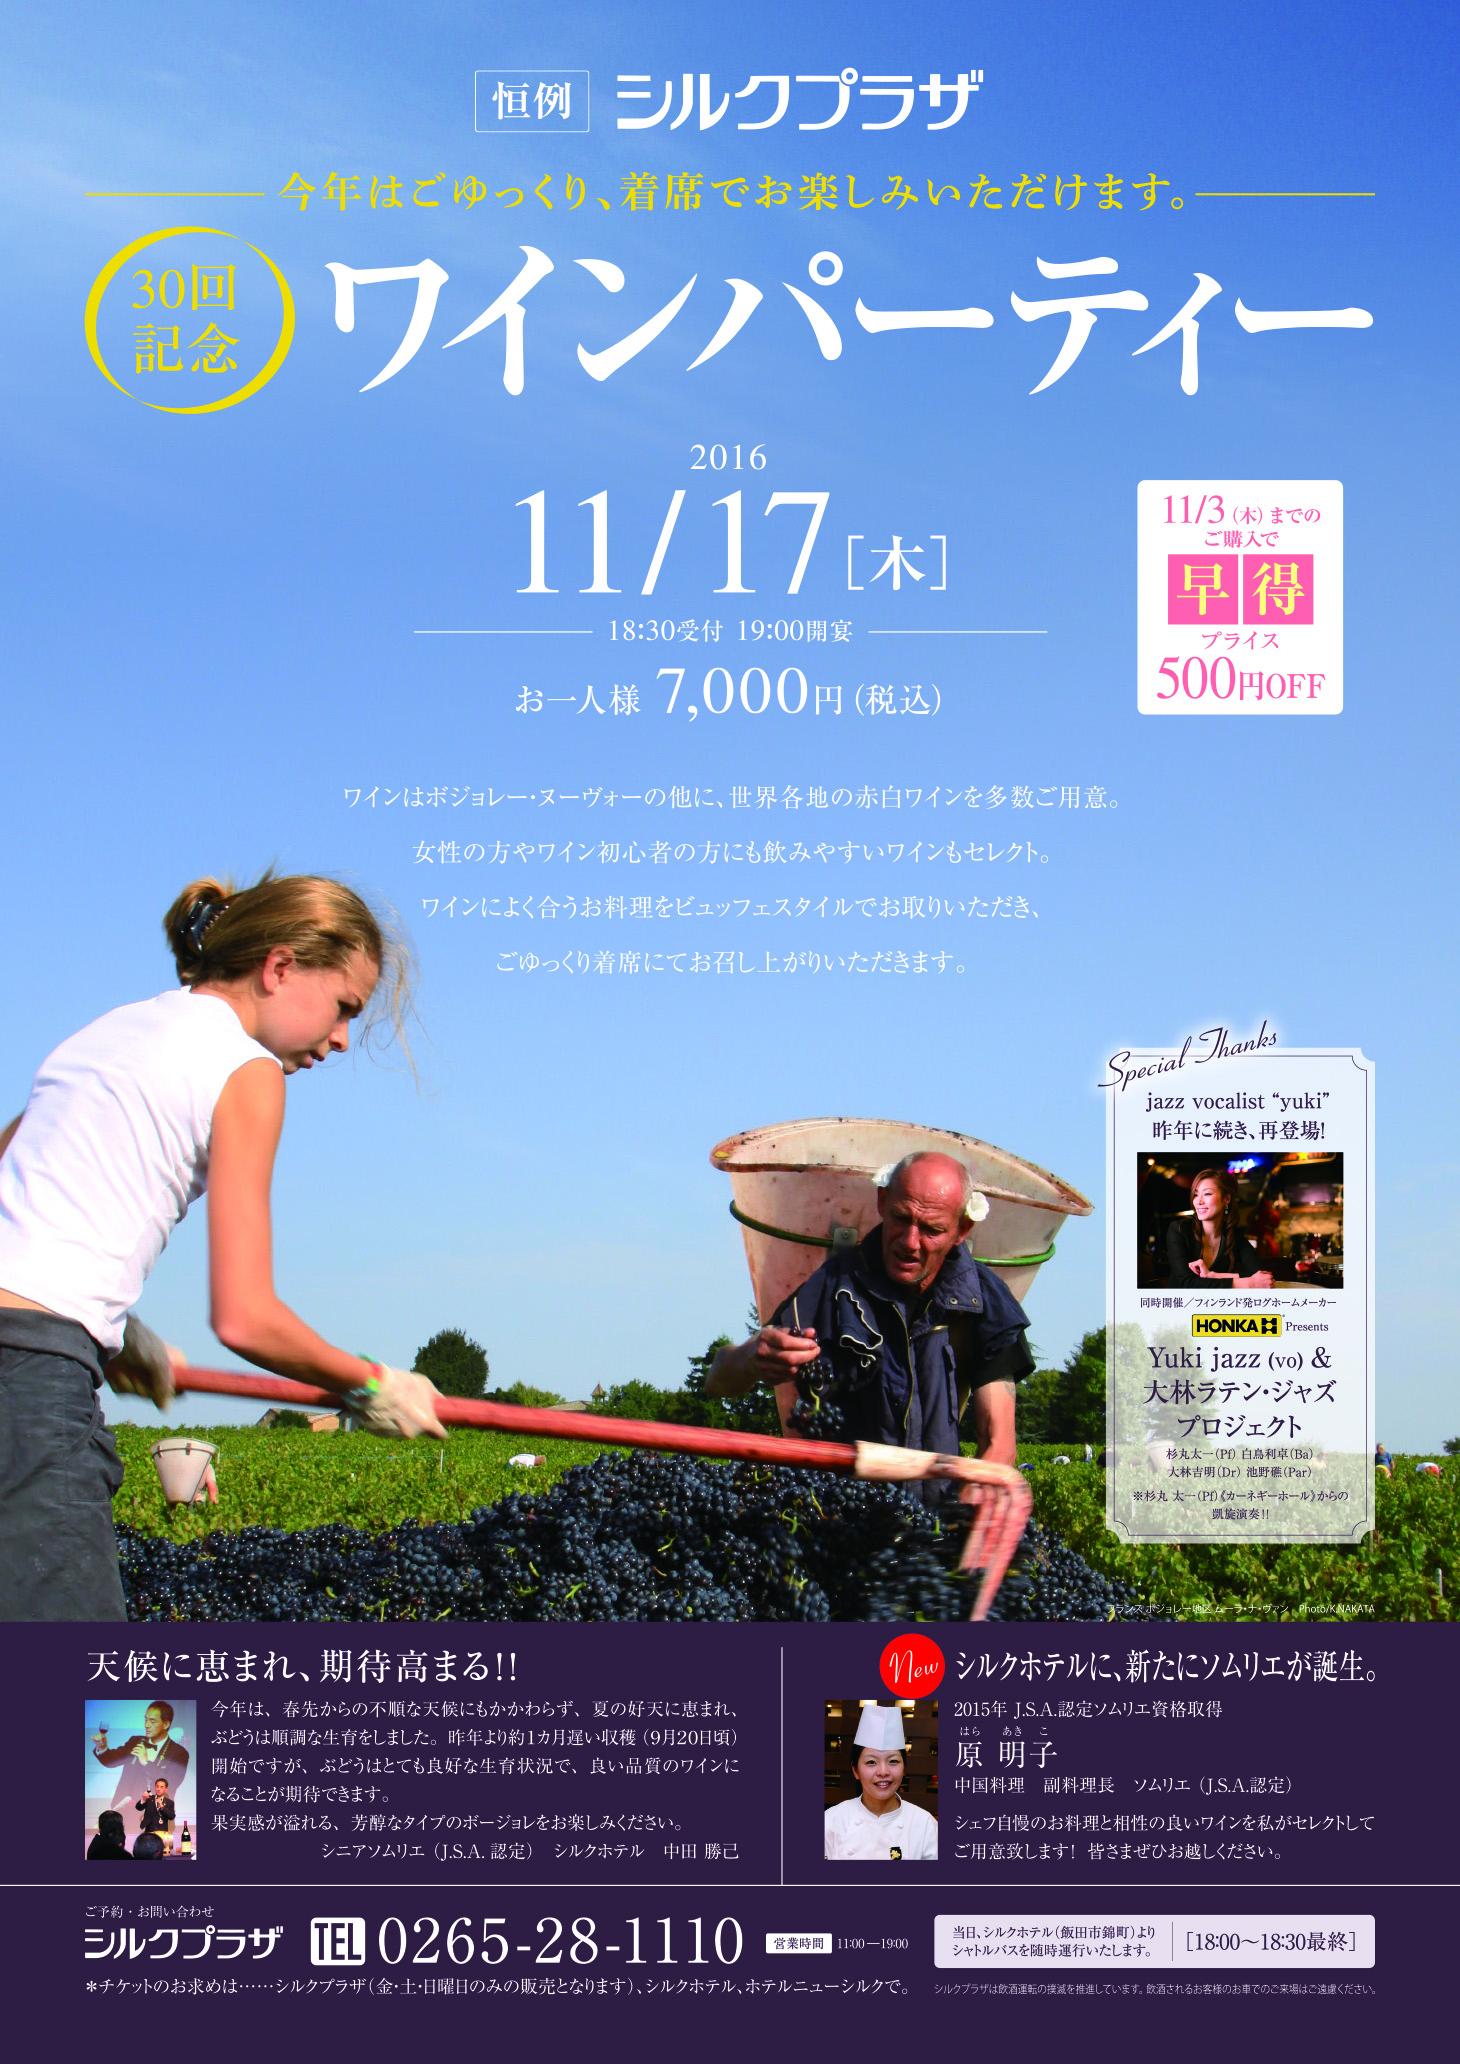 11/17(木)開催!シルクプラザ「ワインパーティー」